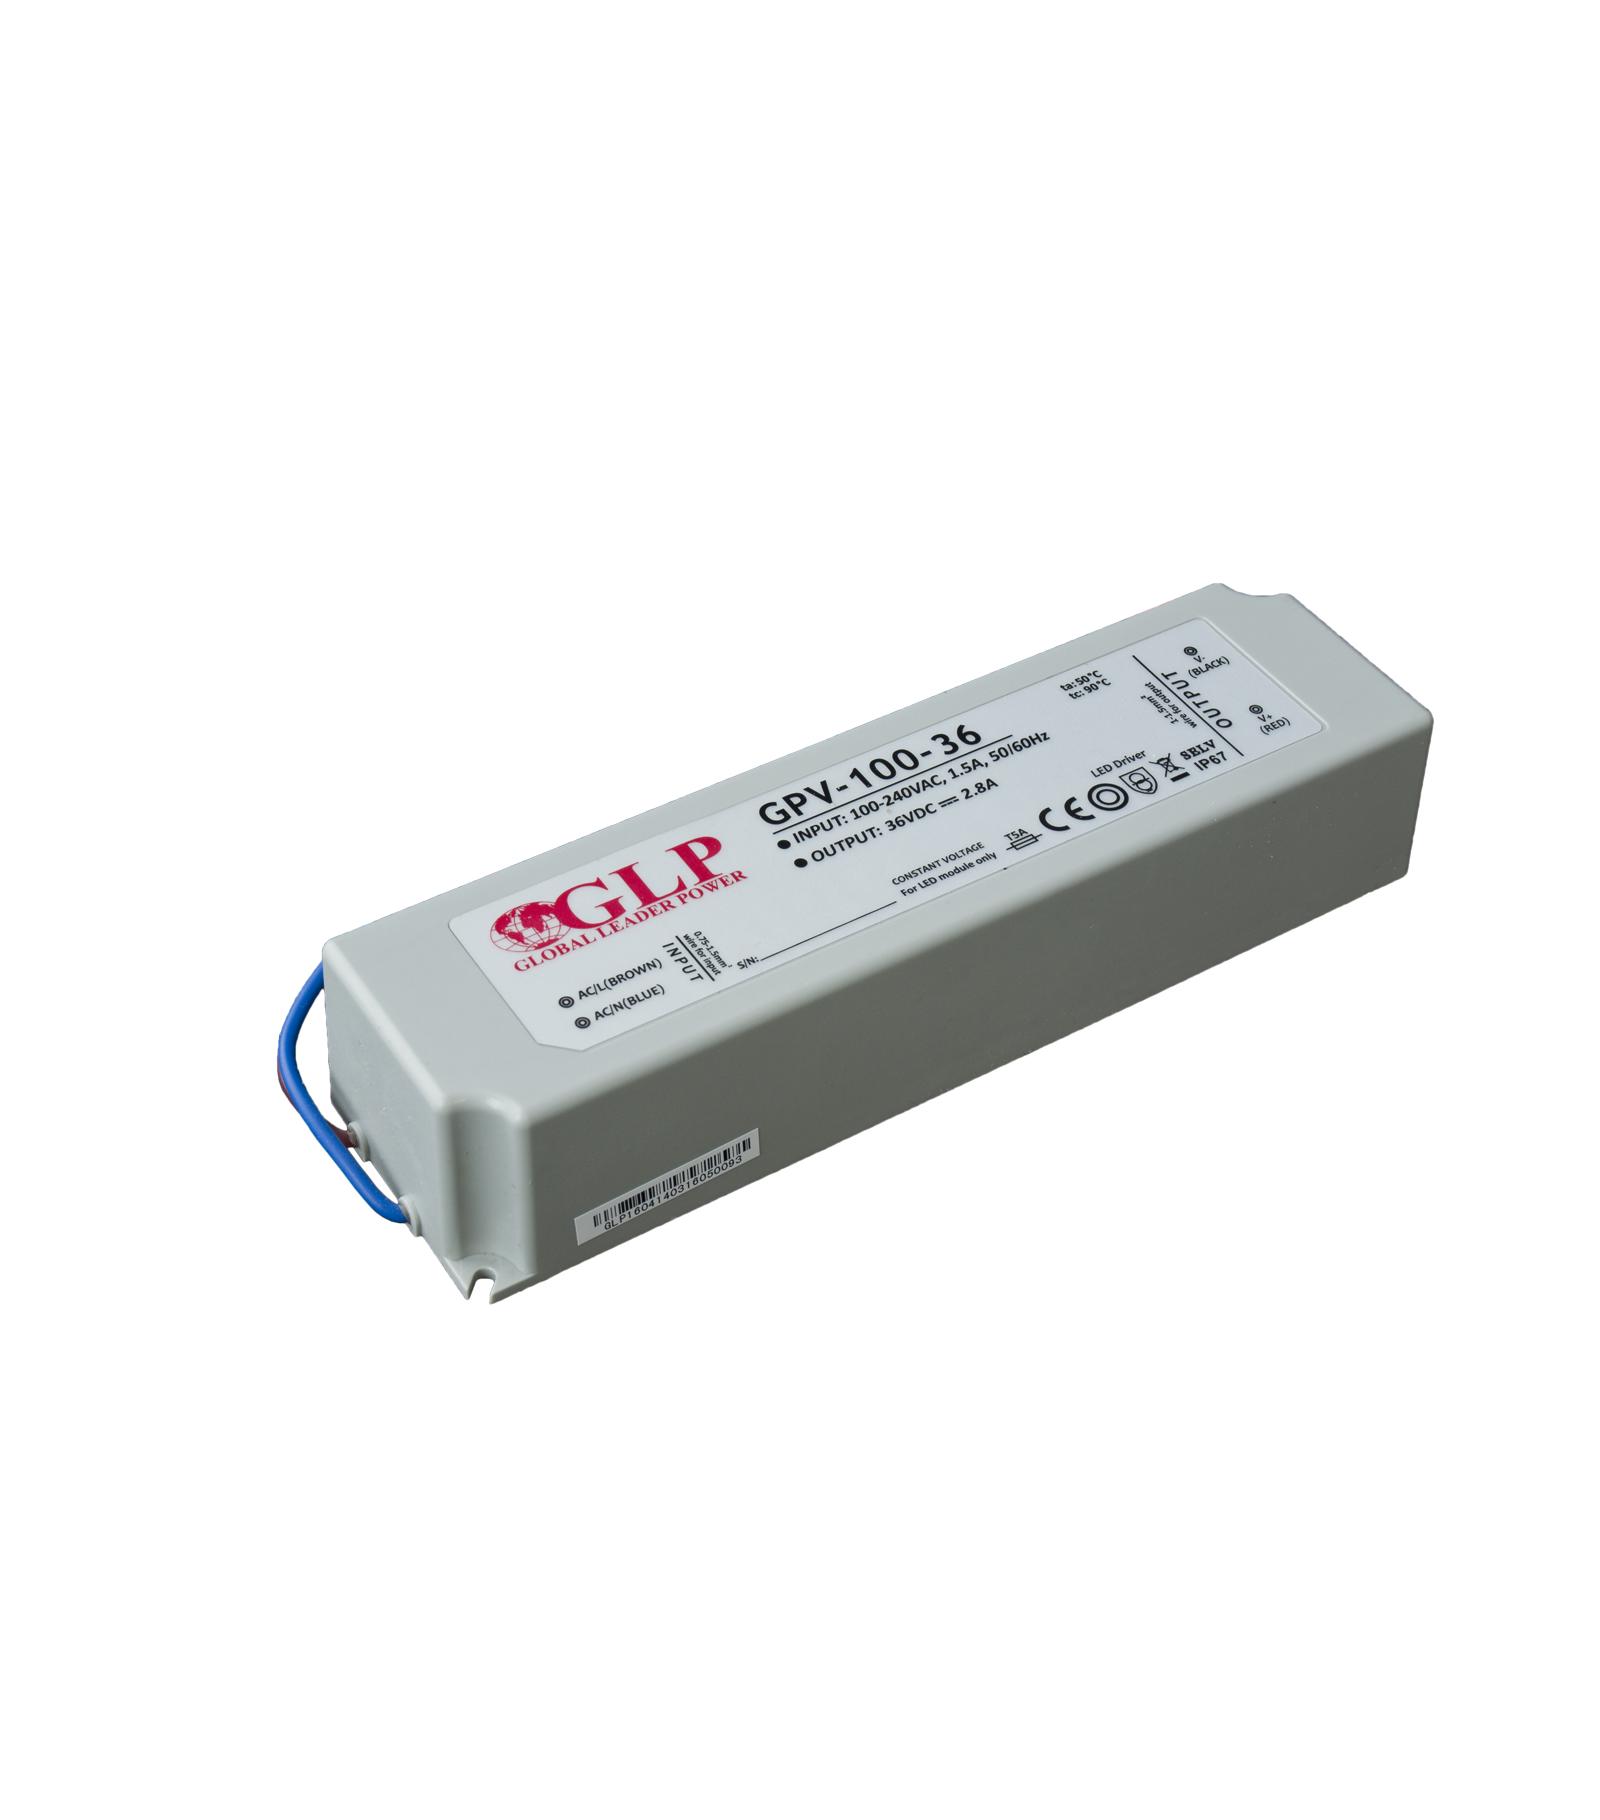 GLP Transformateur spécial Led 12V de 100W GPV-100-36 GLP - GLP-GPV-100-36